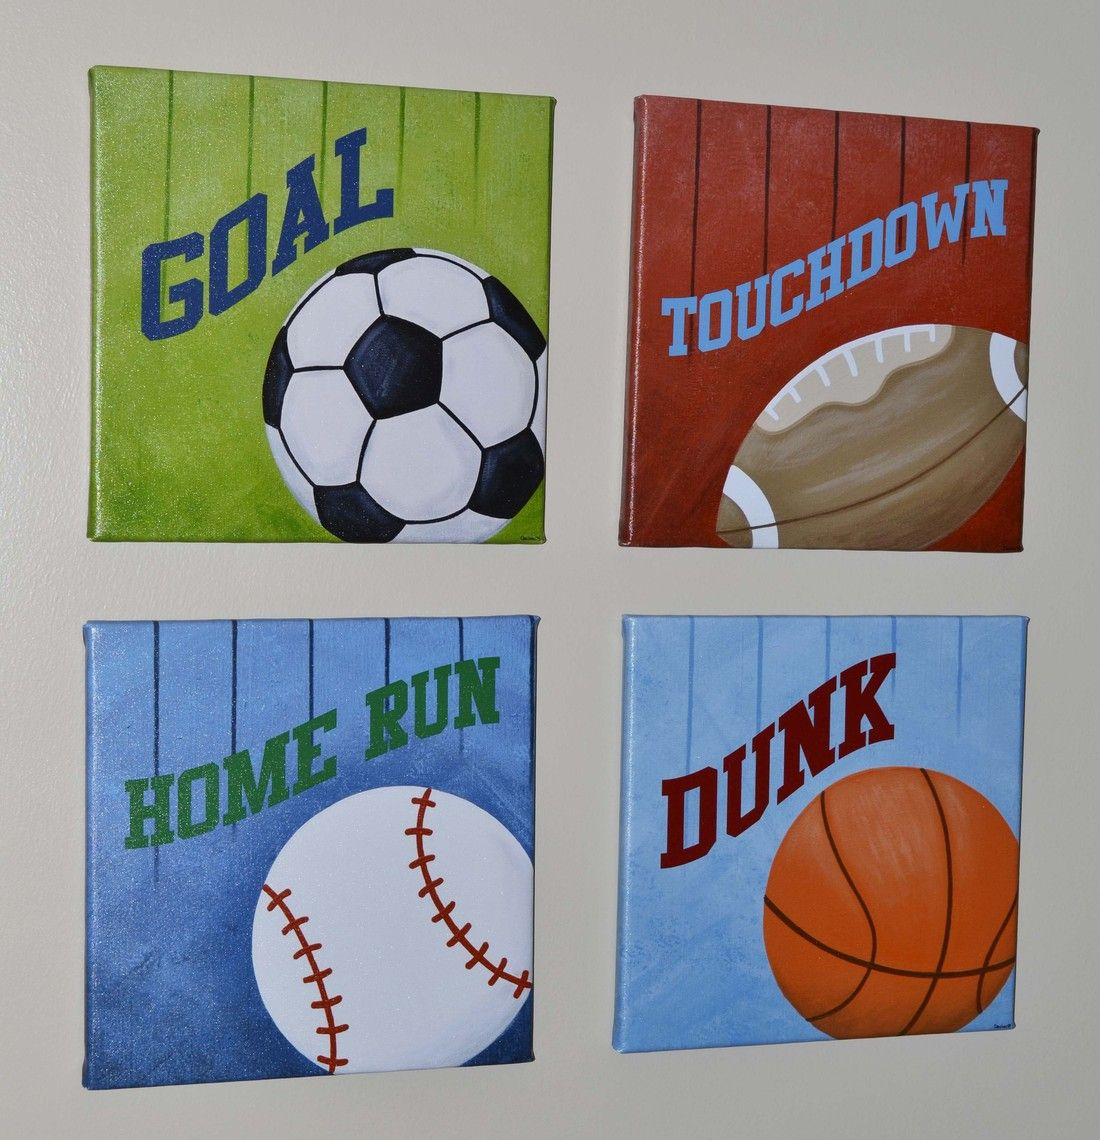 Sports Wall Art Set Canvas Prints Original Painting Room Decor Sports Wall Art Metal Tree Wall Art Wall Art Crafts